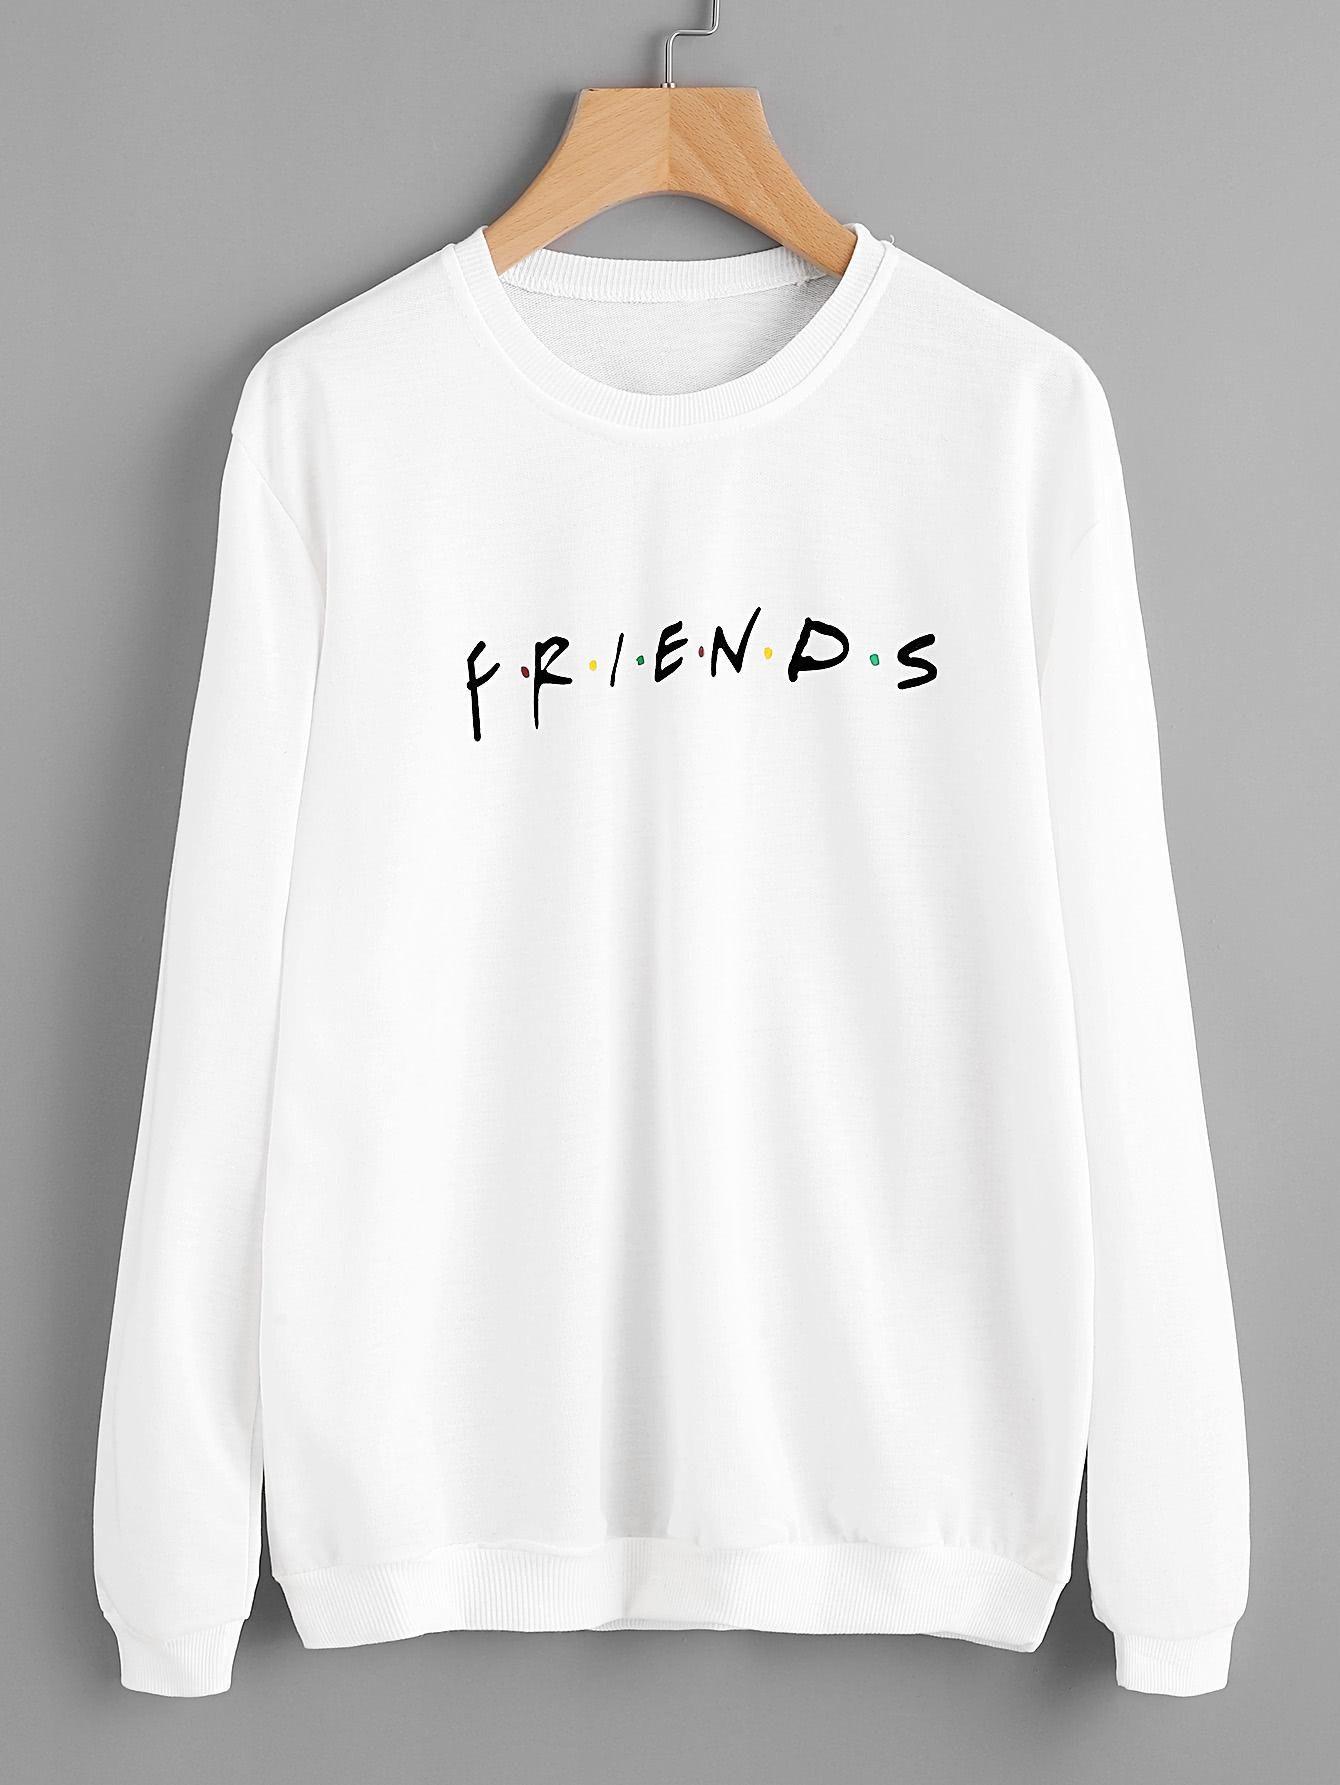 SheIn - SheIn Letter Print Sweatshirt - AdoreWe.com  b1e712630